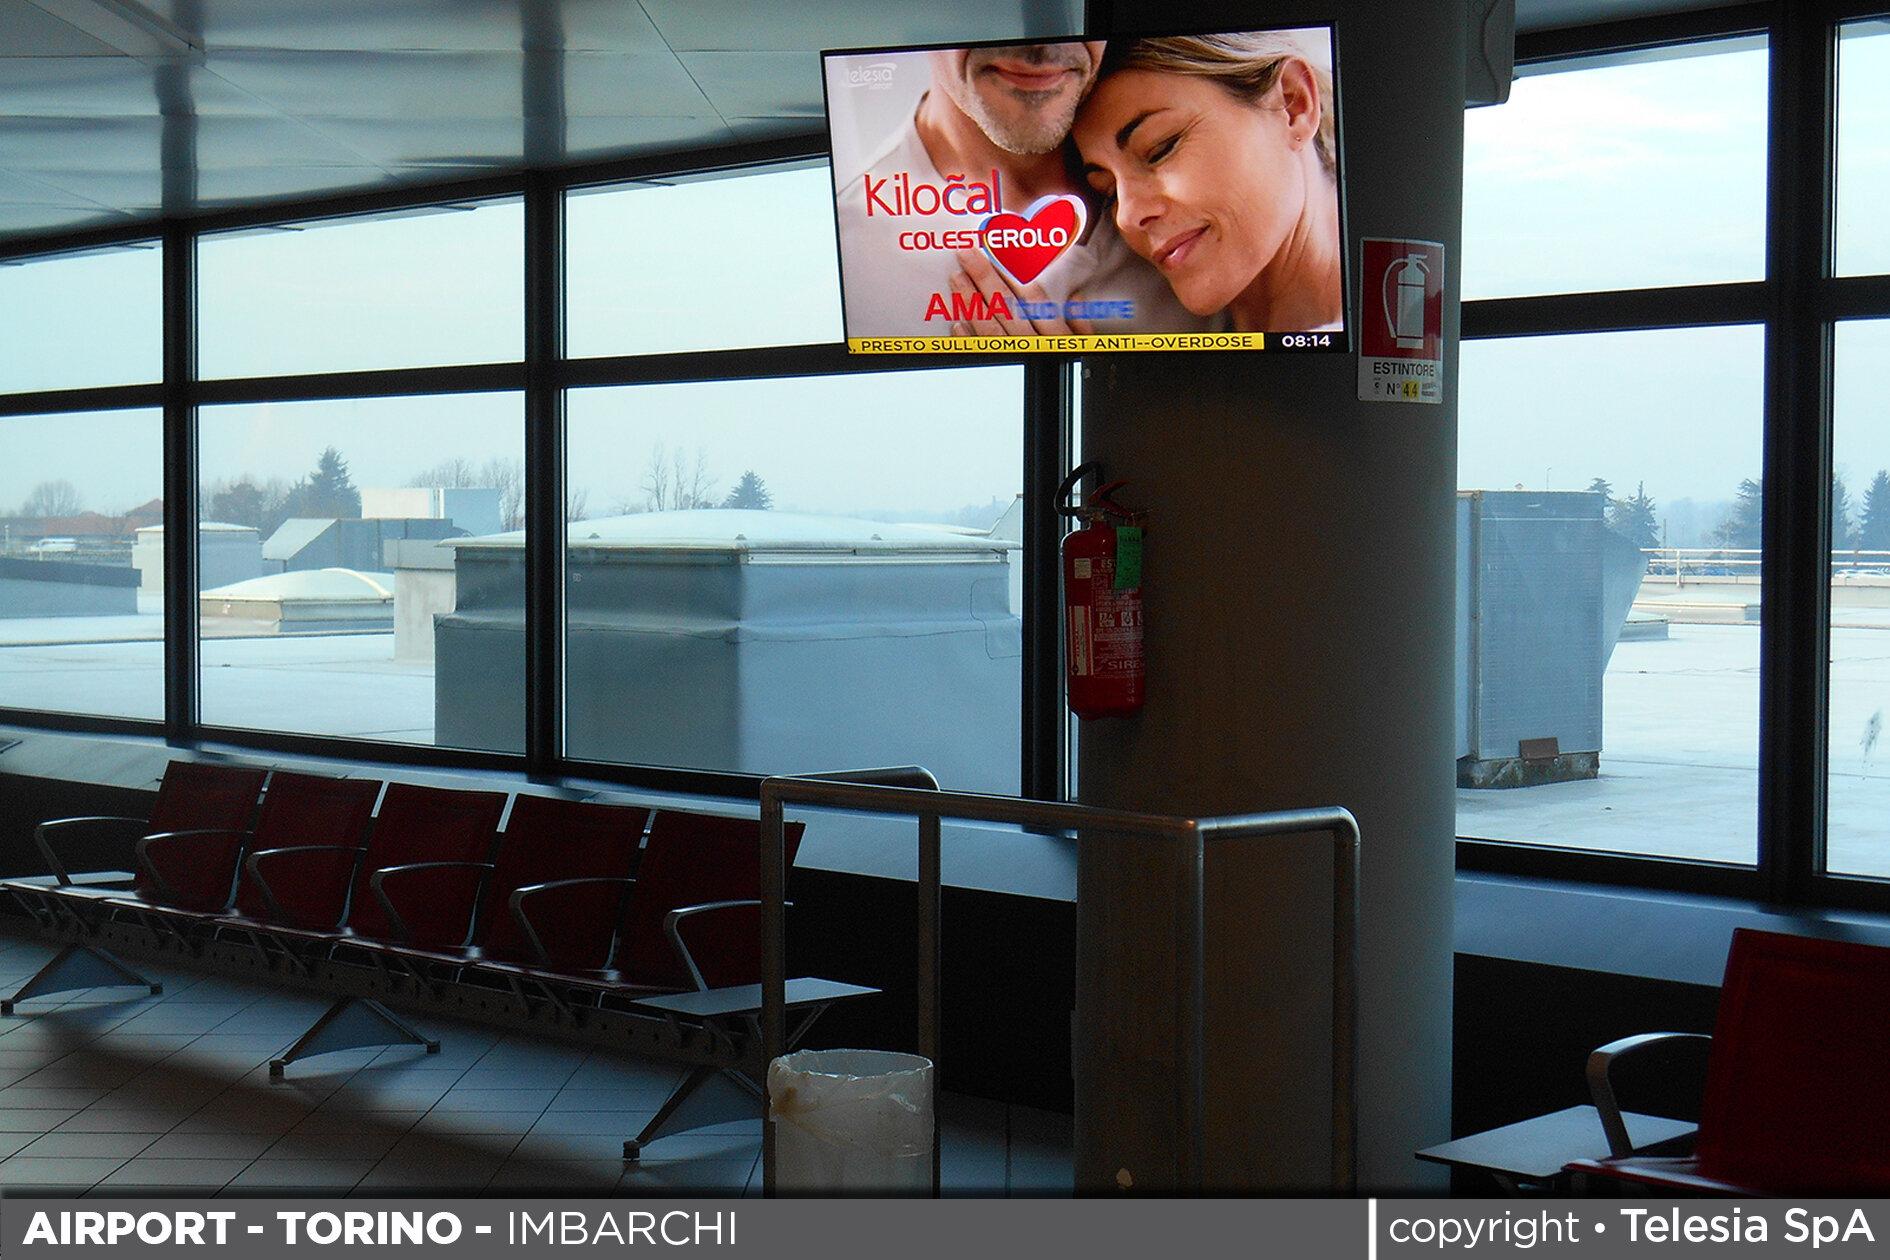 T_airportTorino1.jpg